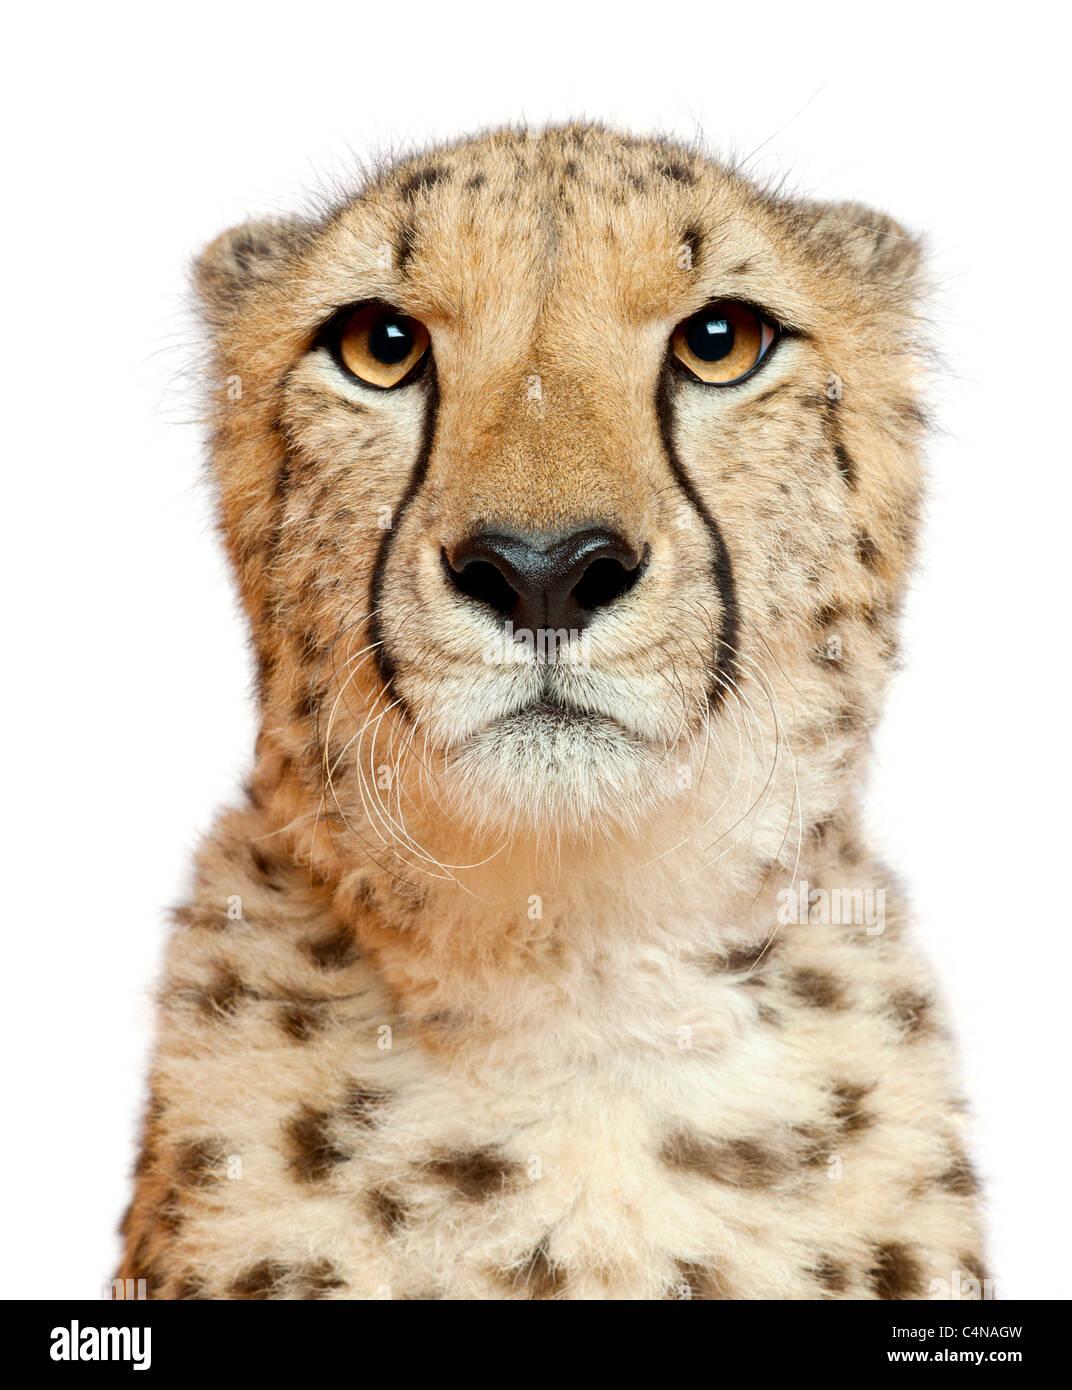 Close-up di ghepardo, Acinonyx jubatus, 18 mesi di età, di fronte a uno sfondo bianco Immagini Stock